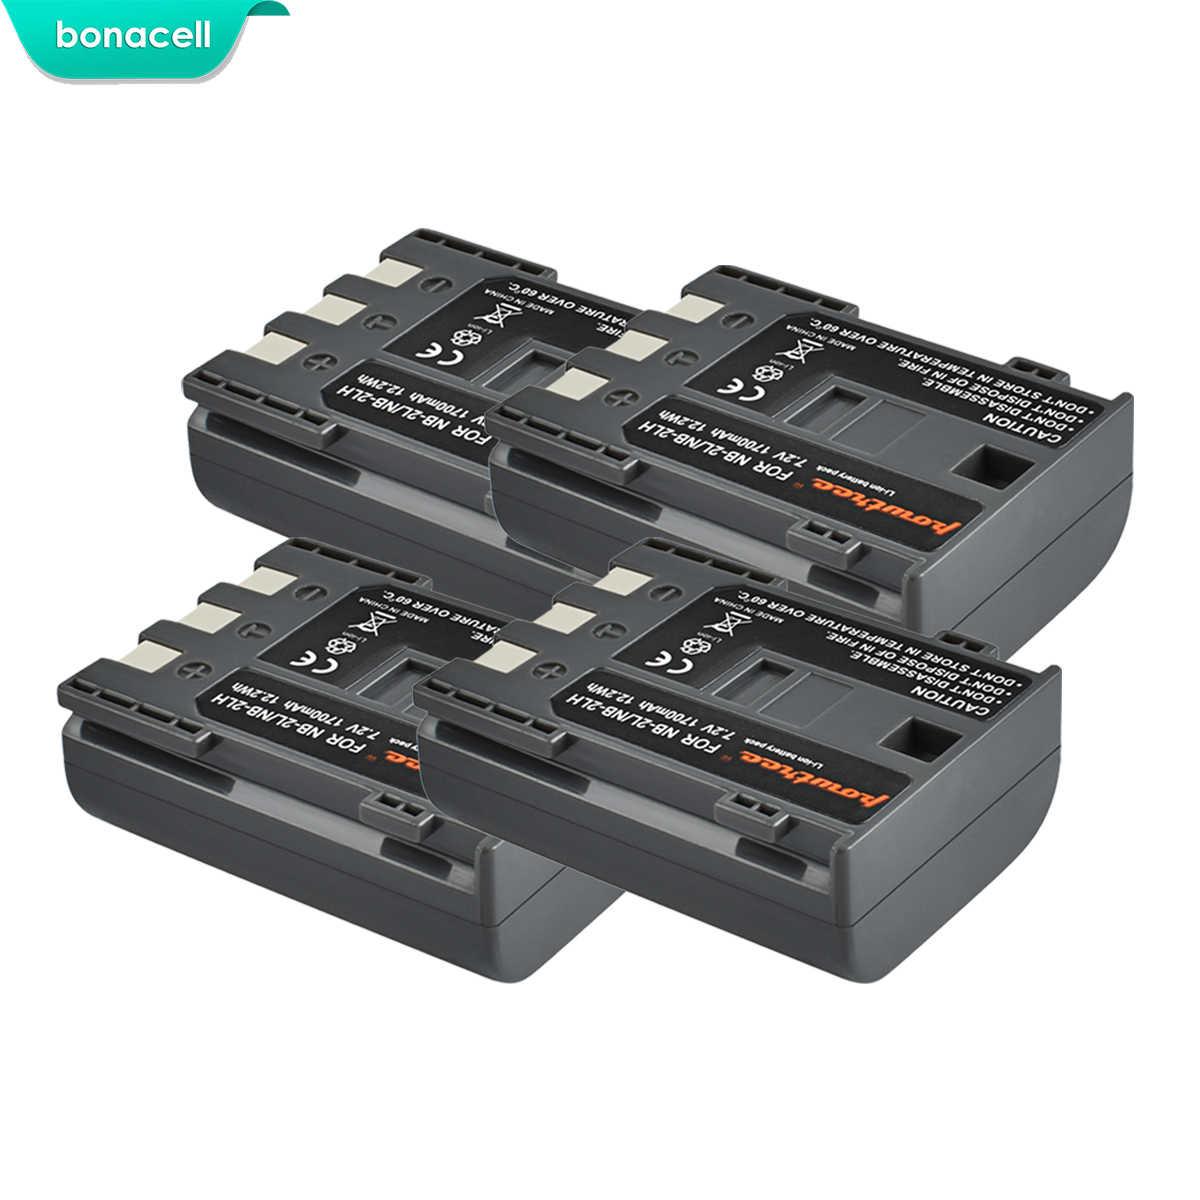 Bonacell 1700 2600mah NB-2L NB2L NB-2LH NB 2LH NB2LH デジタルカメラ充電池キヤノン反乱 XT XTi 350D 400D G9 g7 S80 S70S30 L50